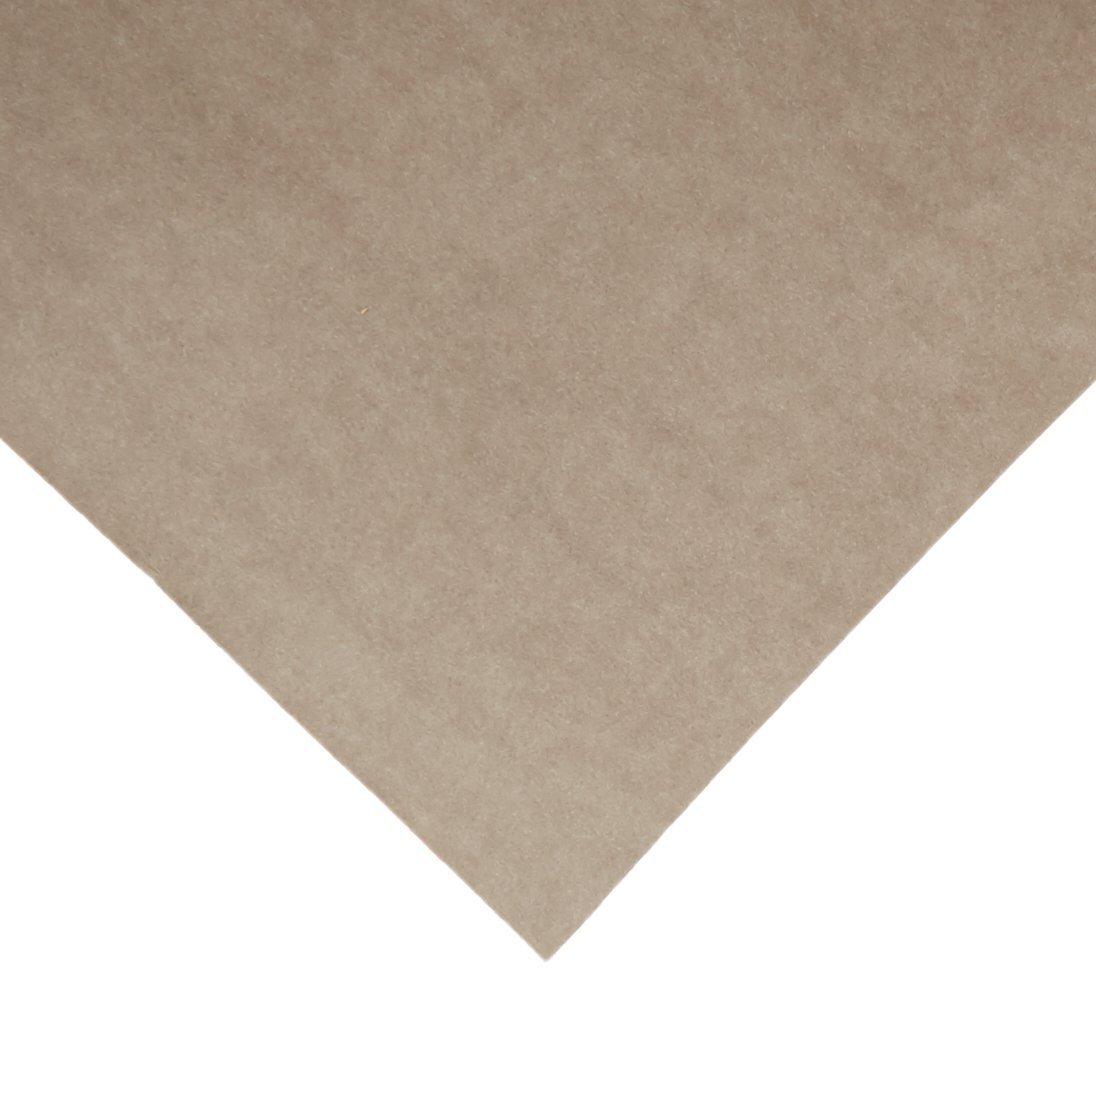 Kraft-tex Paper Fabric 19 x 1.5 Yard Roll Stone by C&T PUBLISHING   B0120D3OL6